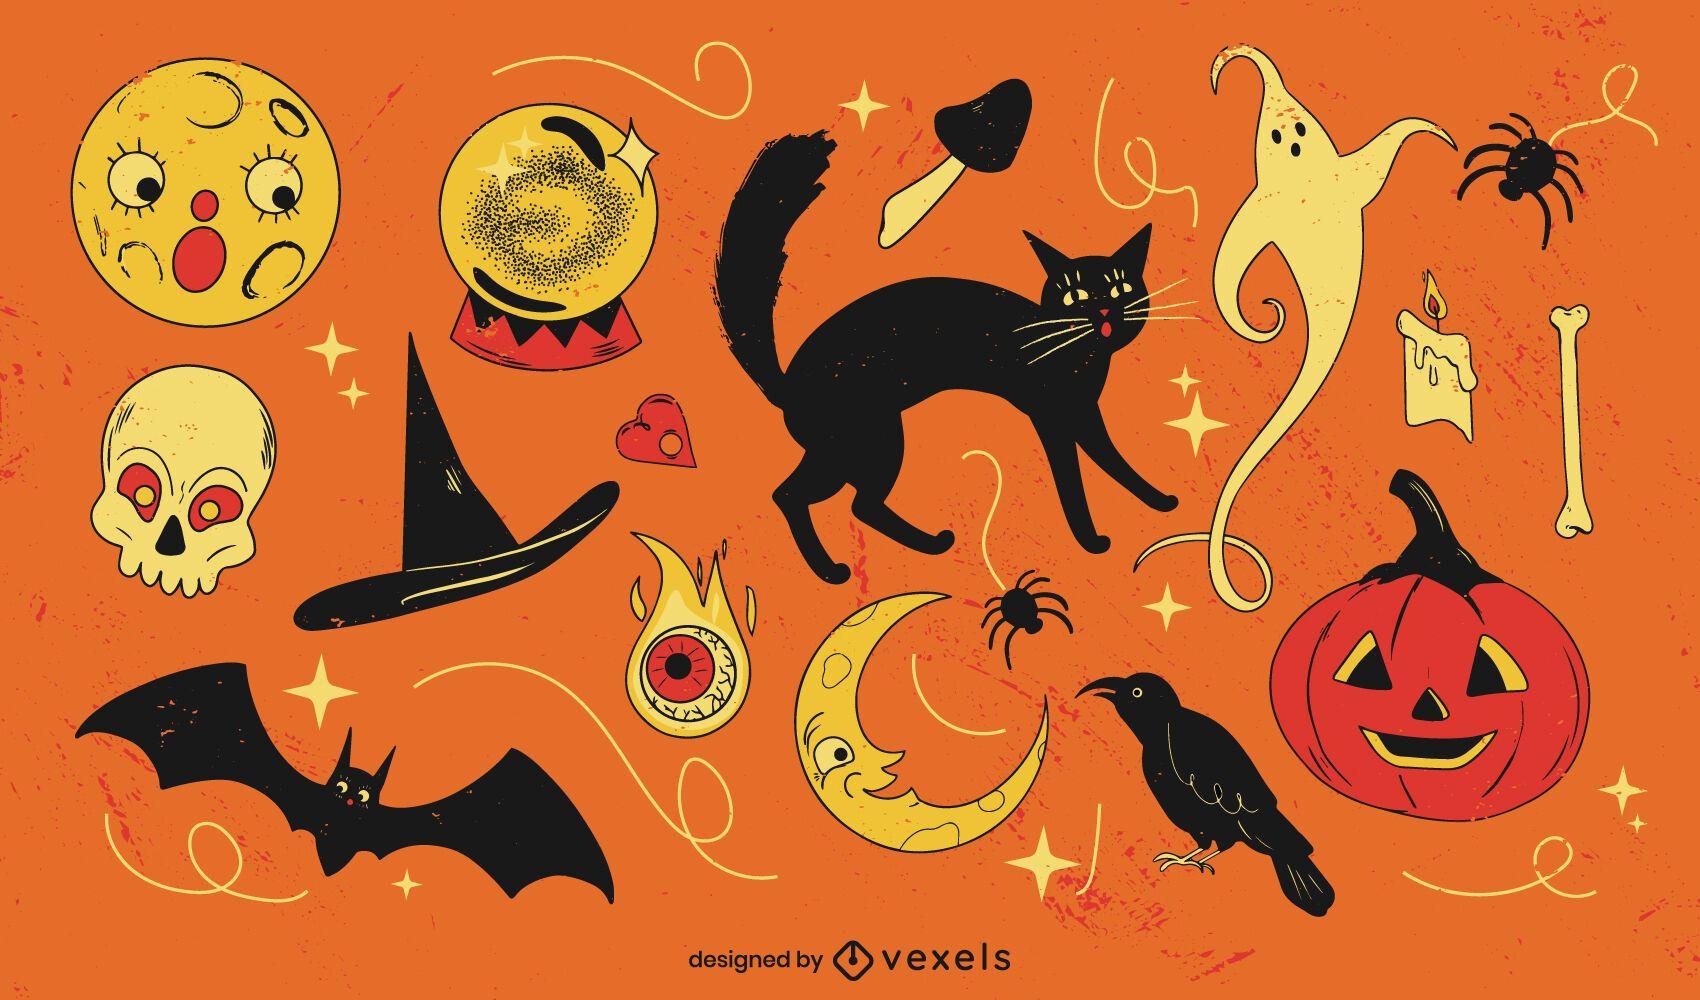 Conjunto de elementos de dibujos animados retro espeluznante de Halloween